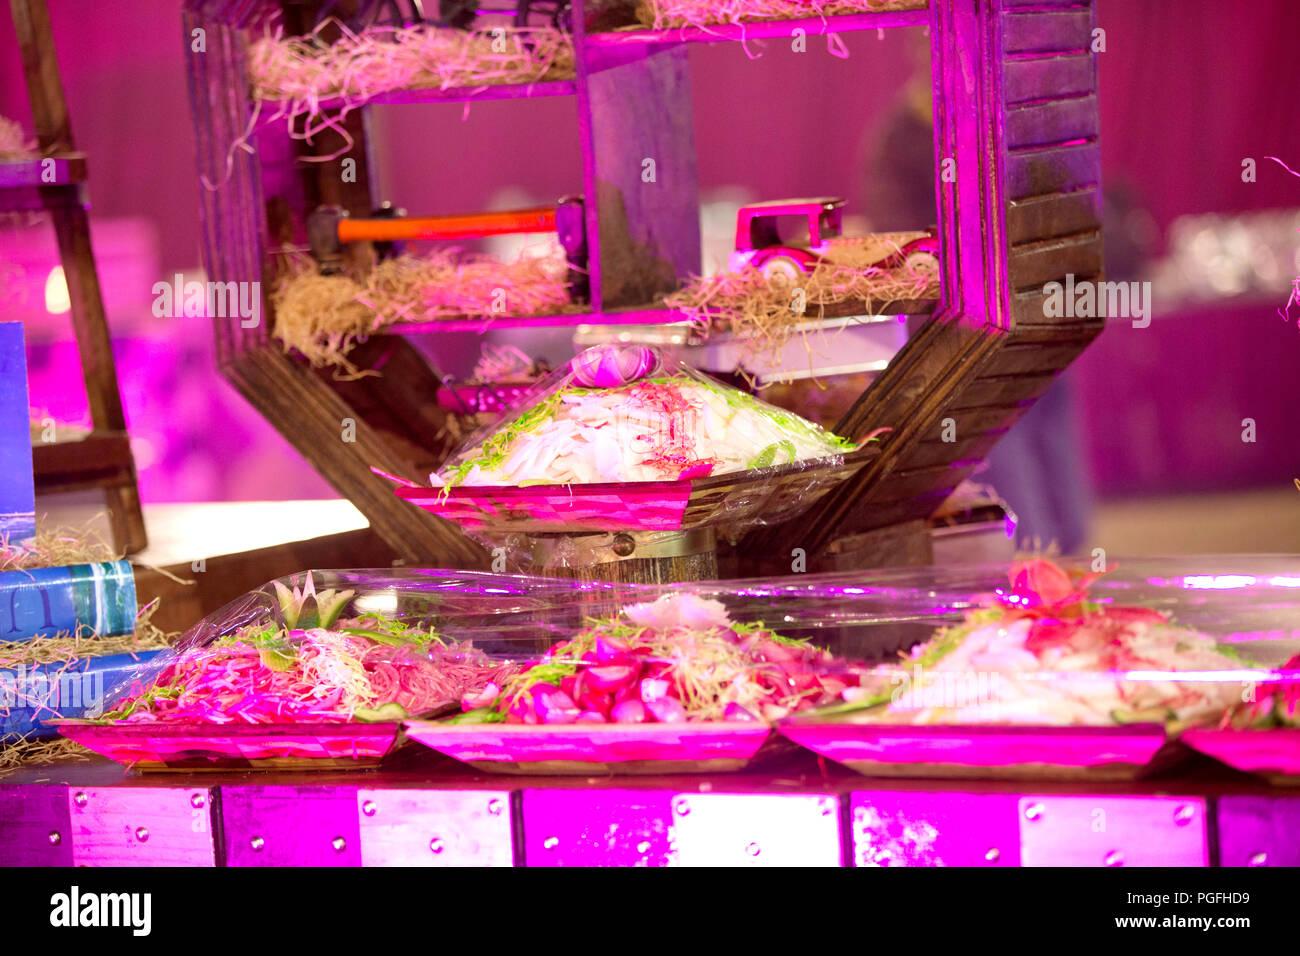 Splendidamente decorate catering tabella per banchetti con una varietà di alimenti diversi spuntini e stuzzichini sulla festa-evento o celebrazione di matrimonio Foto Stock